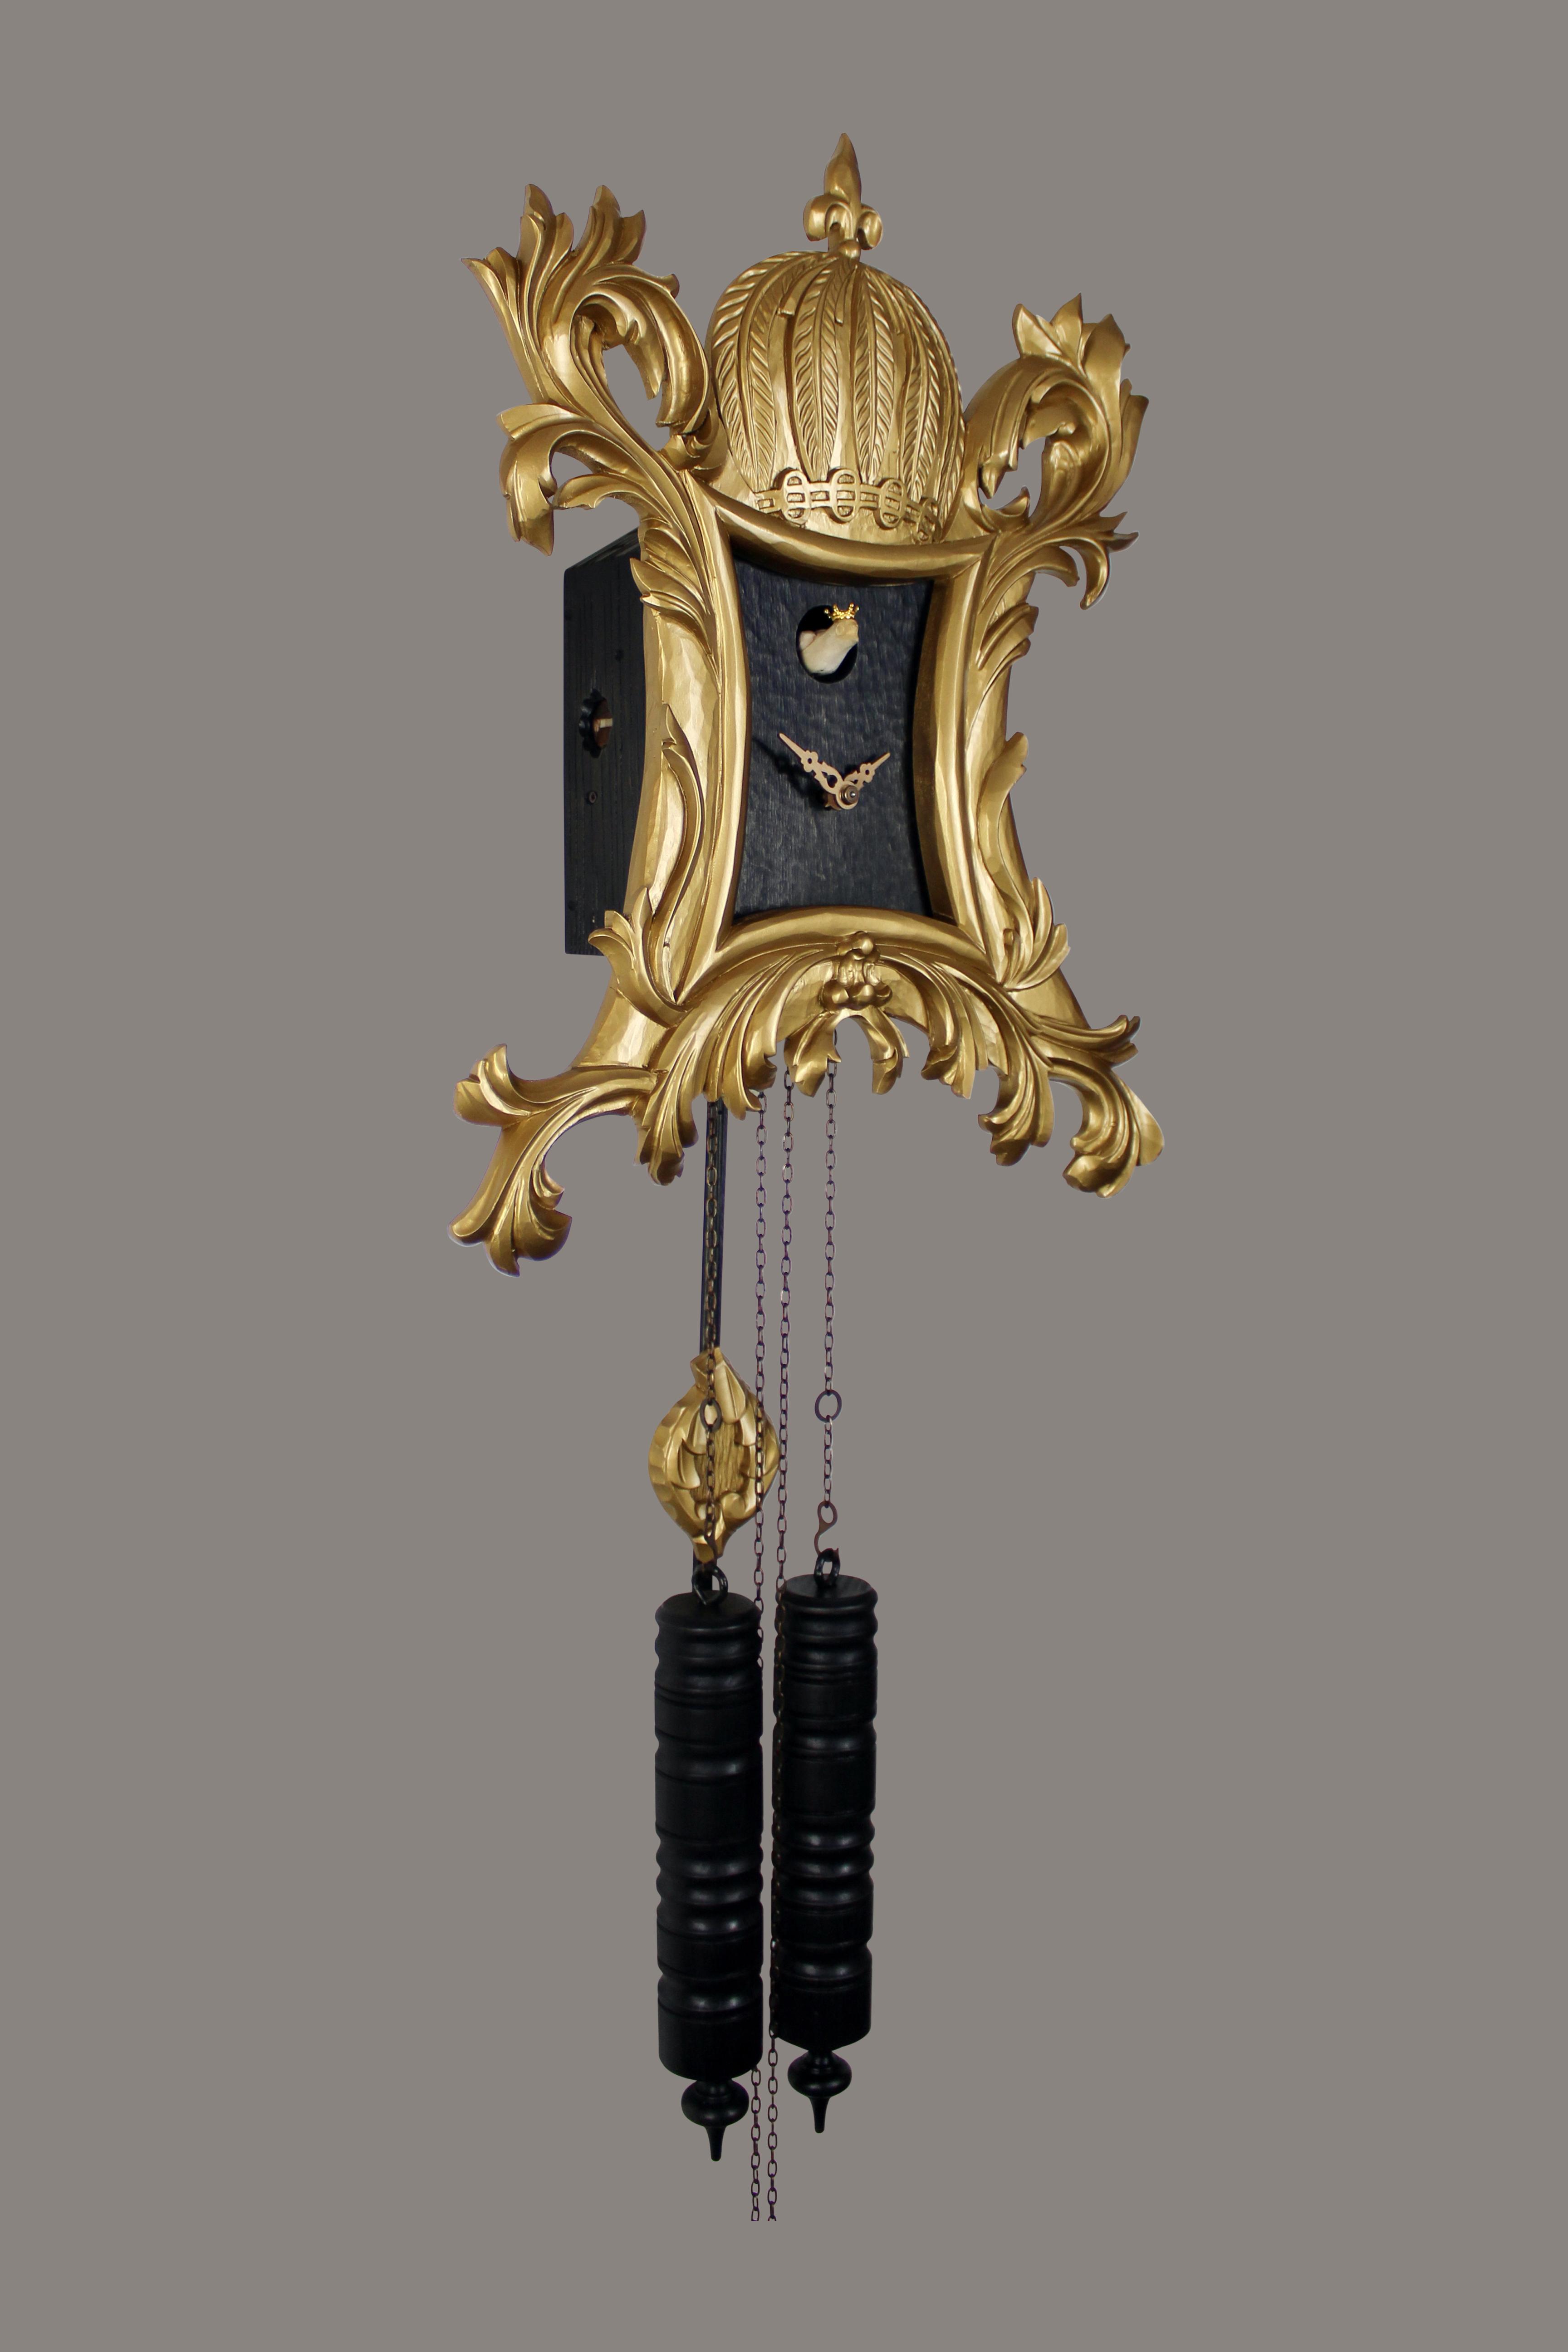 Pompöös Cuckoo clock designed by Harald Glööckler